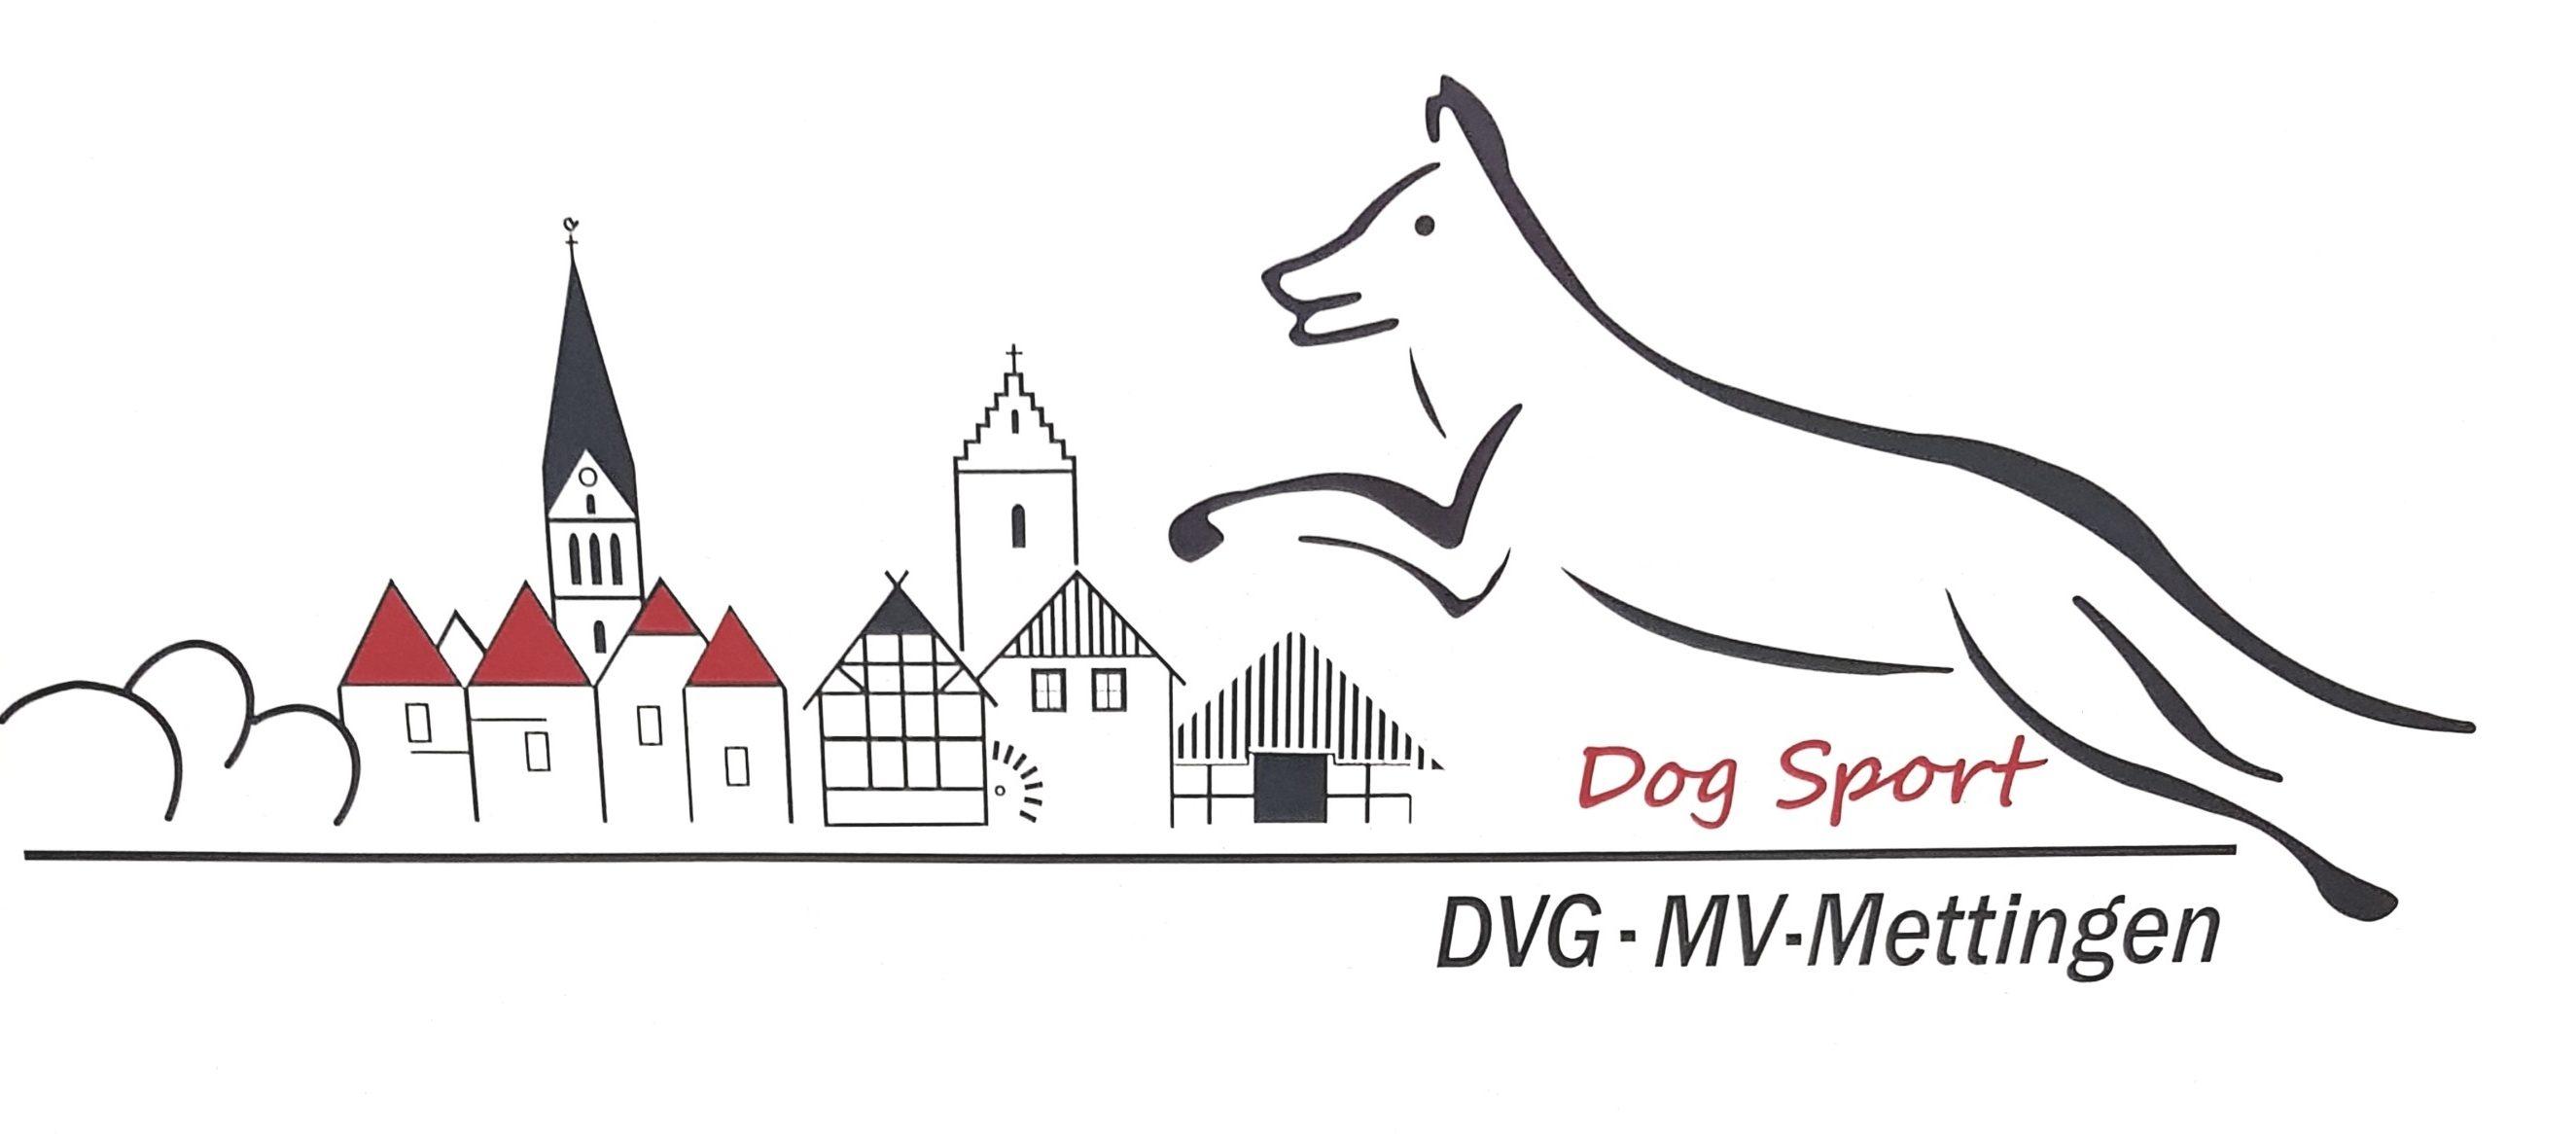 DVG MV Mettingen